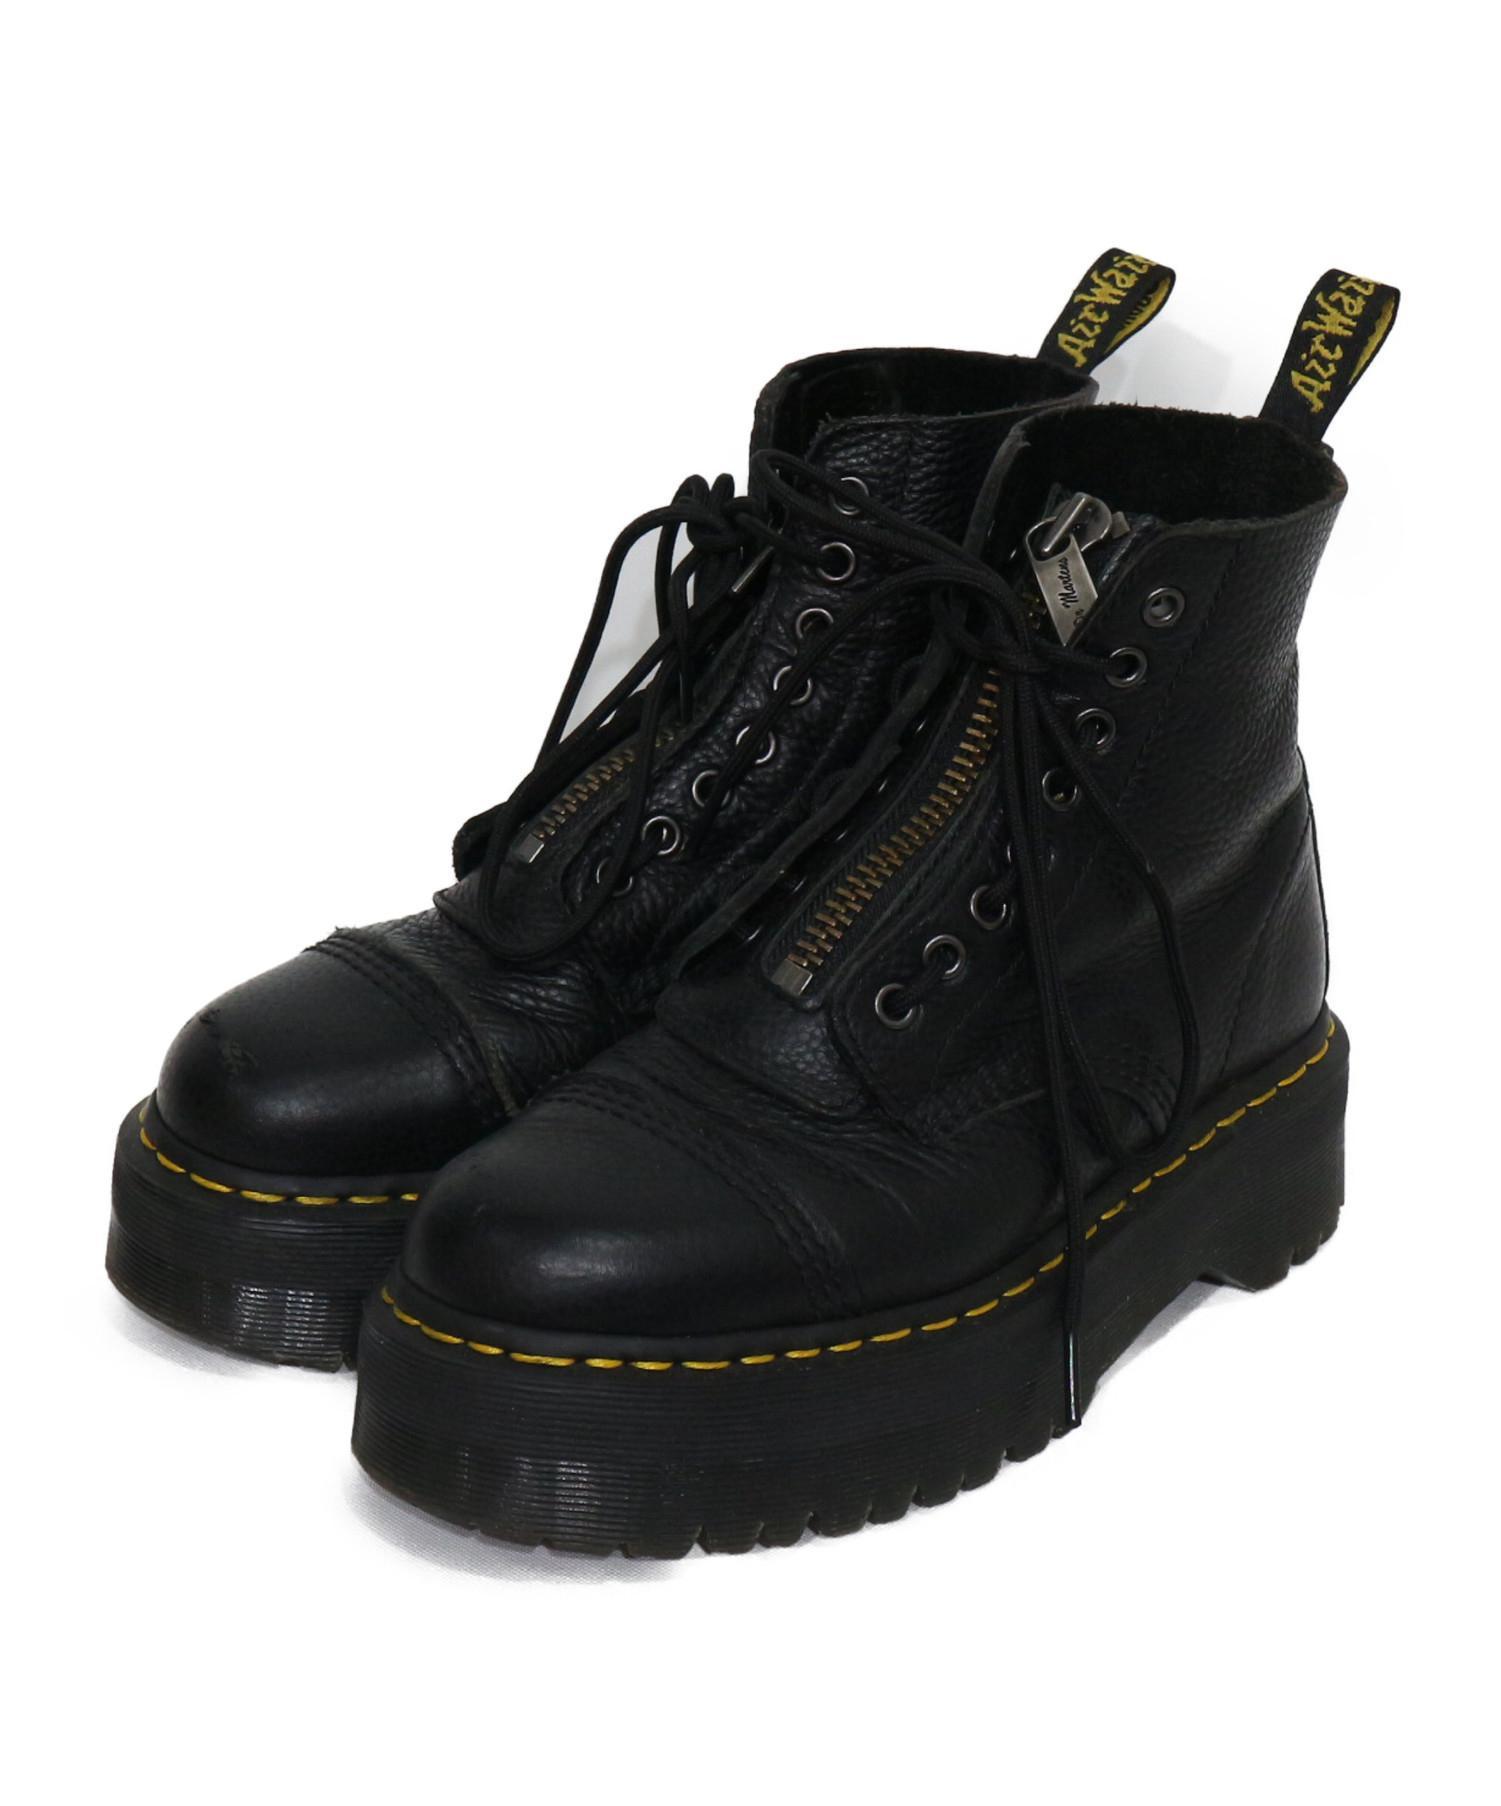 0450bf80b778e6 中古・古着通販】Dr.Martens (ドクターマーチン) 厚底ブーツ サイズ:表記 ...